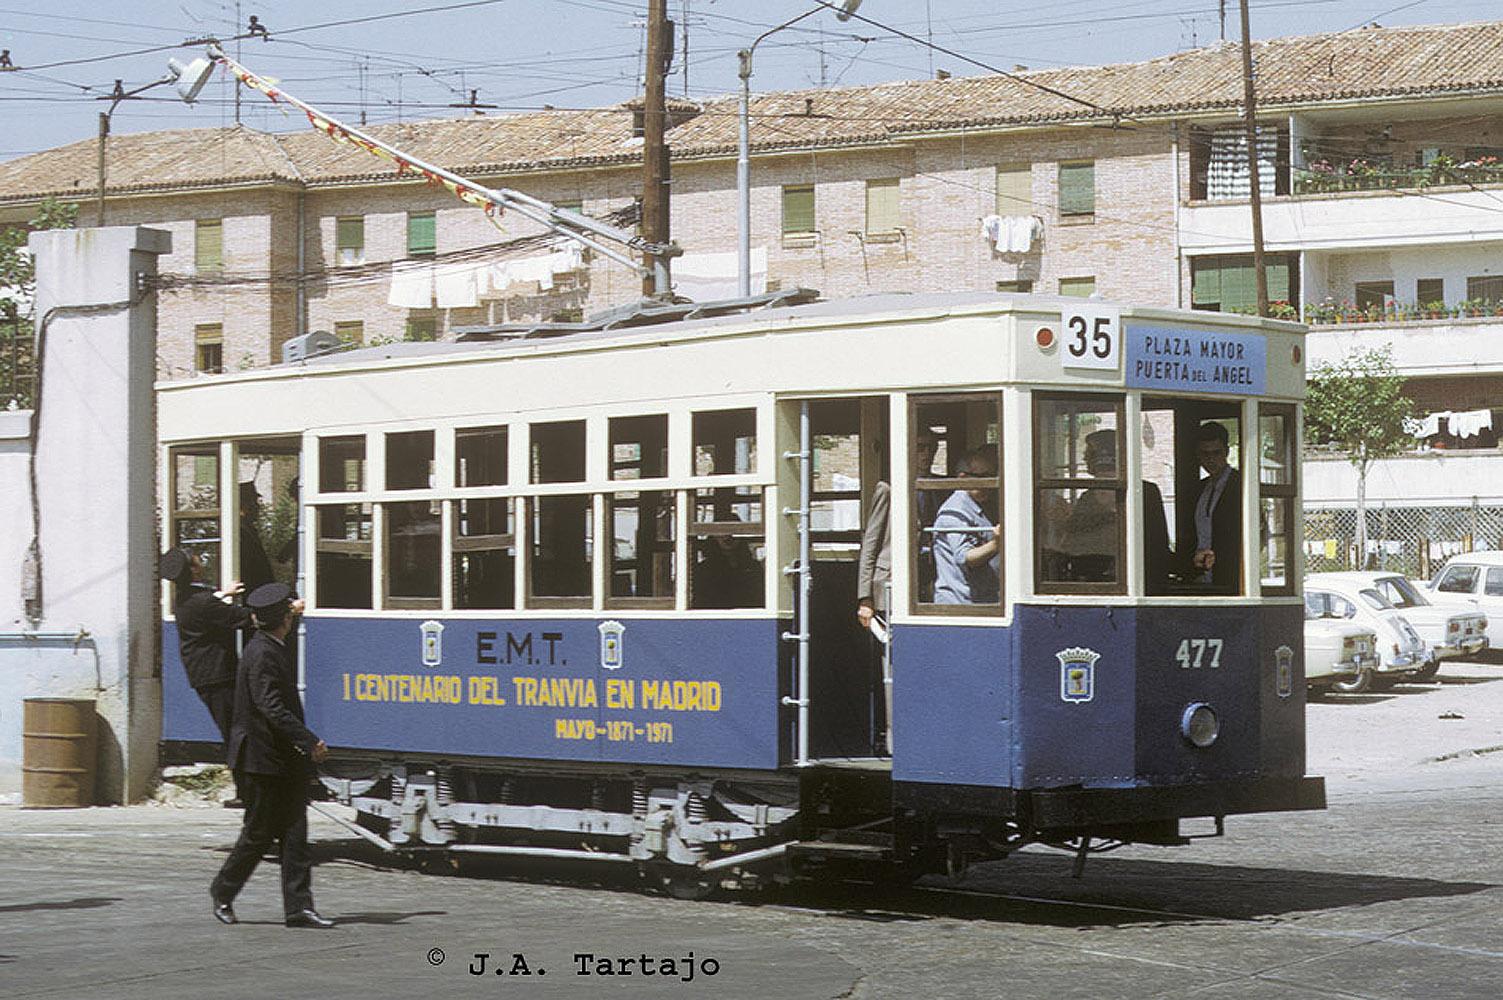 Los tranvías de Madrid estuvieron en funcionamiento 101 años y 1 día.